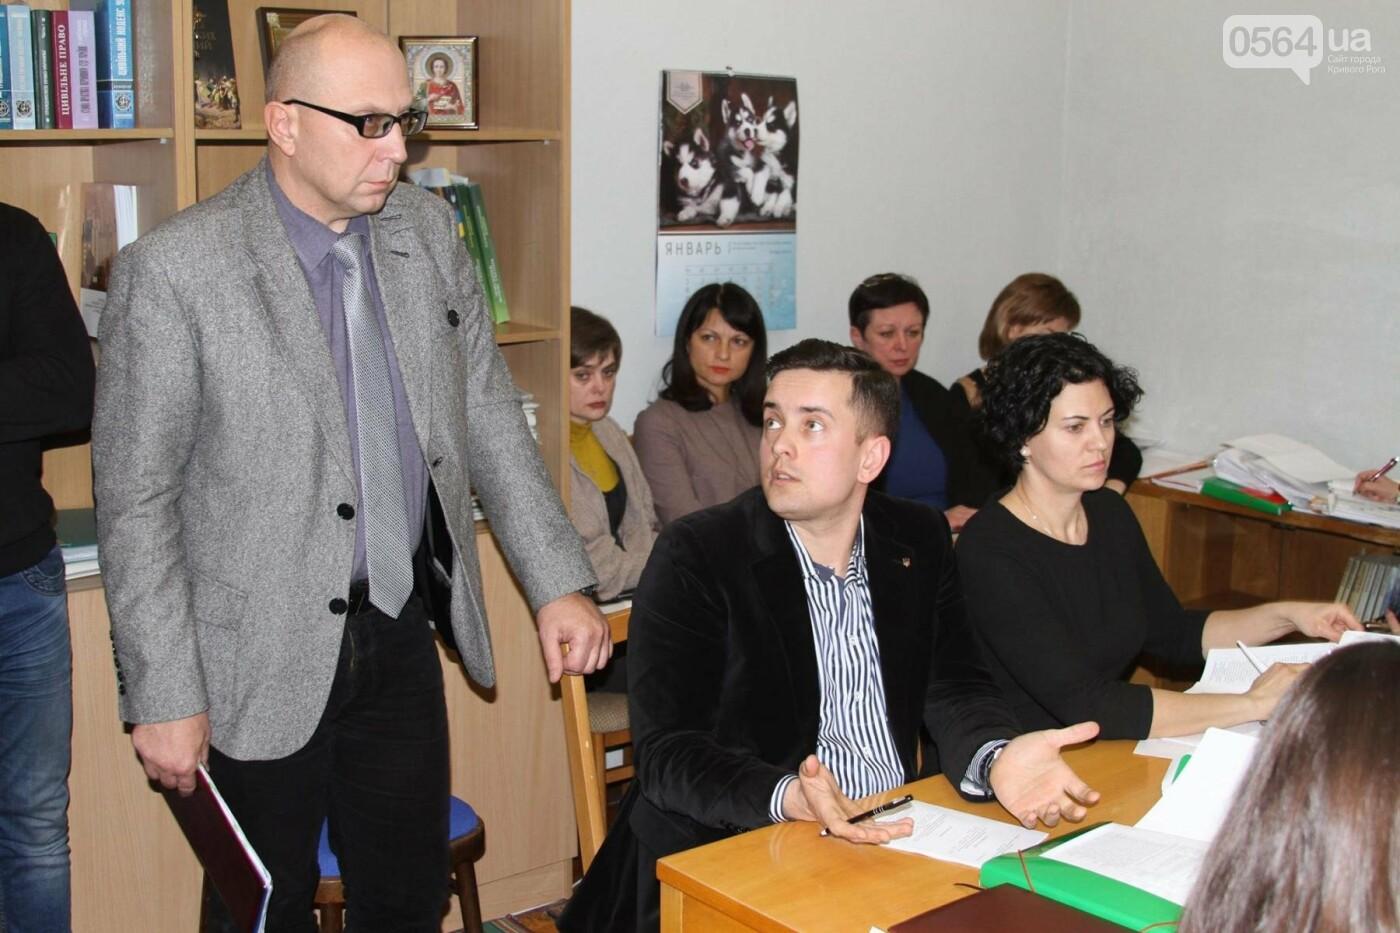 Криворожские депутаты из комиссии по этике и дисциплине со второй попытки не смогли собраться (ФОТО), фото-12